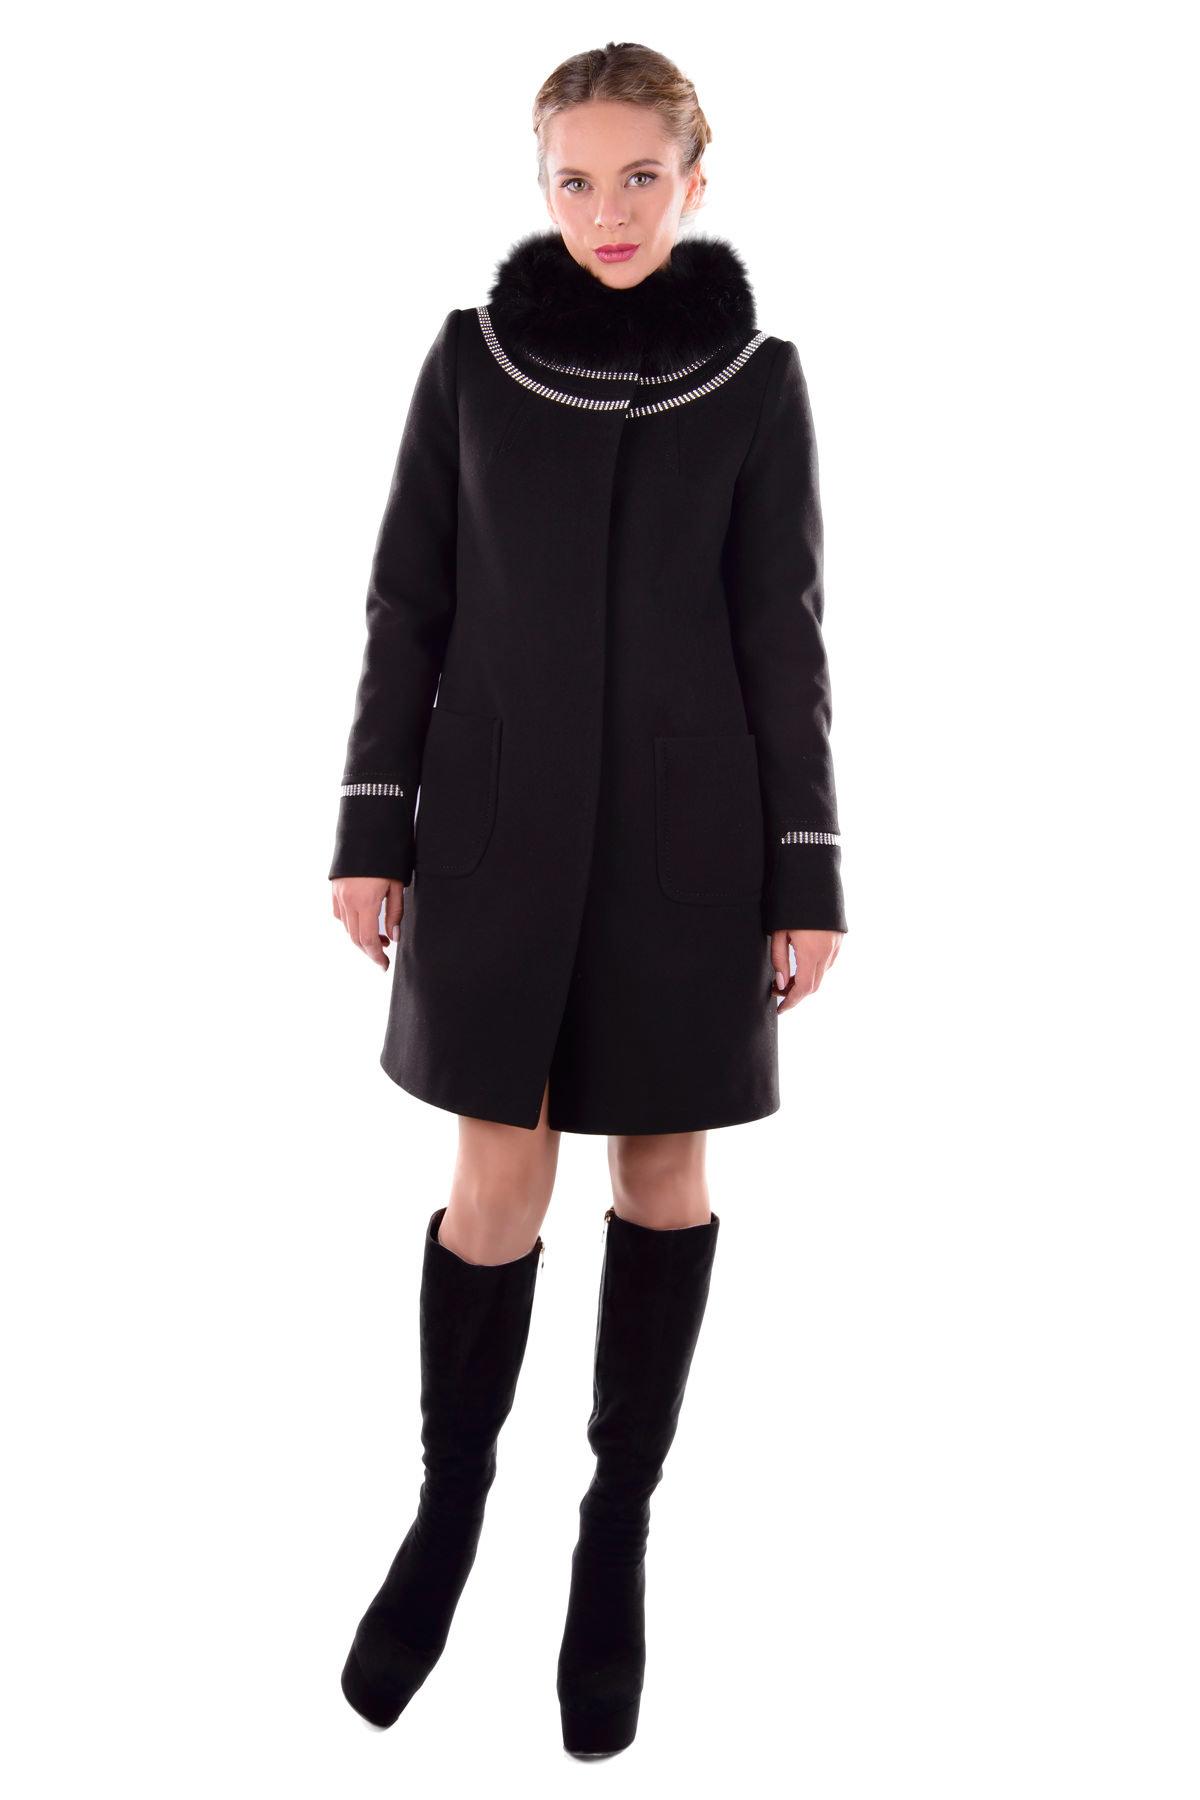 Женское пальто оптом от производителя Modus Пальто Ницца турция элит зима песец